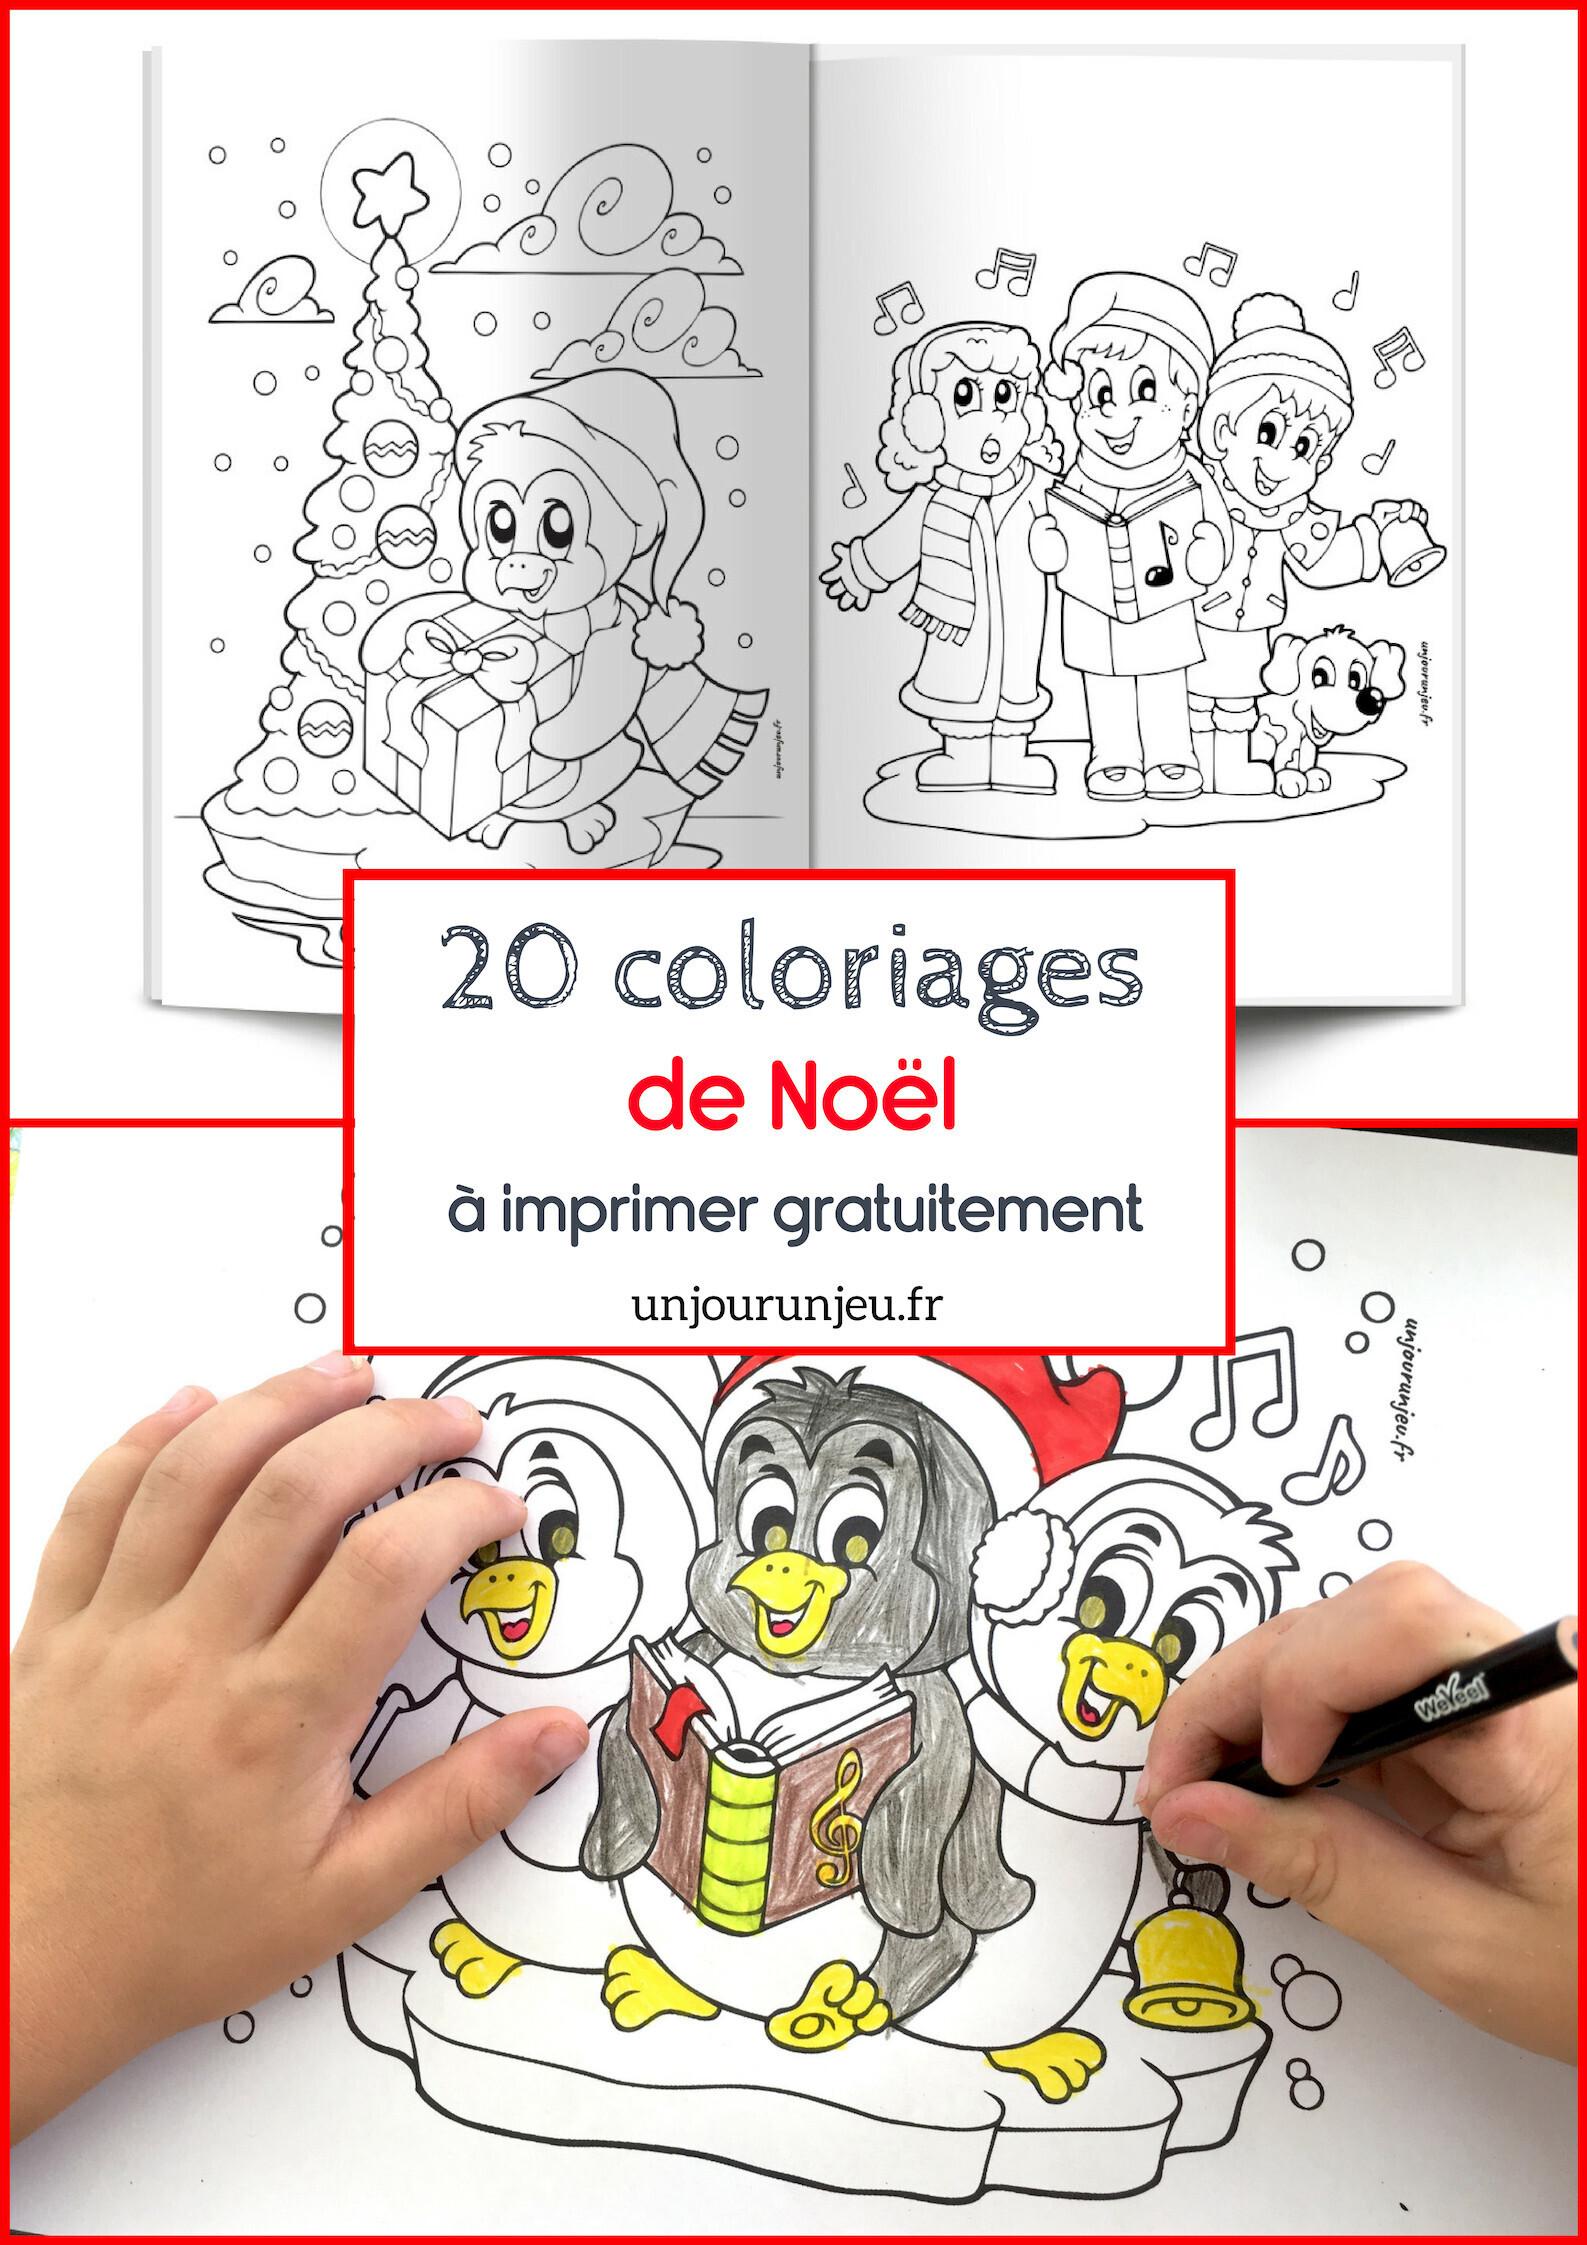 Coloriages De Noel A Imprimer Gratuitement Un Jour Un Jeu